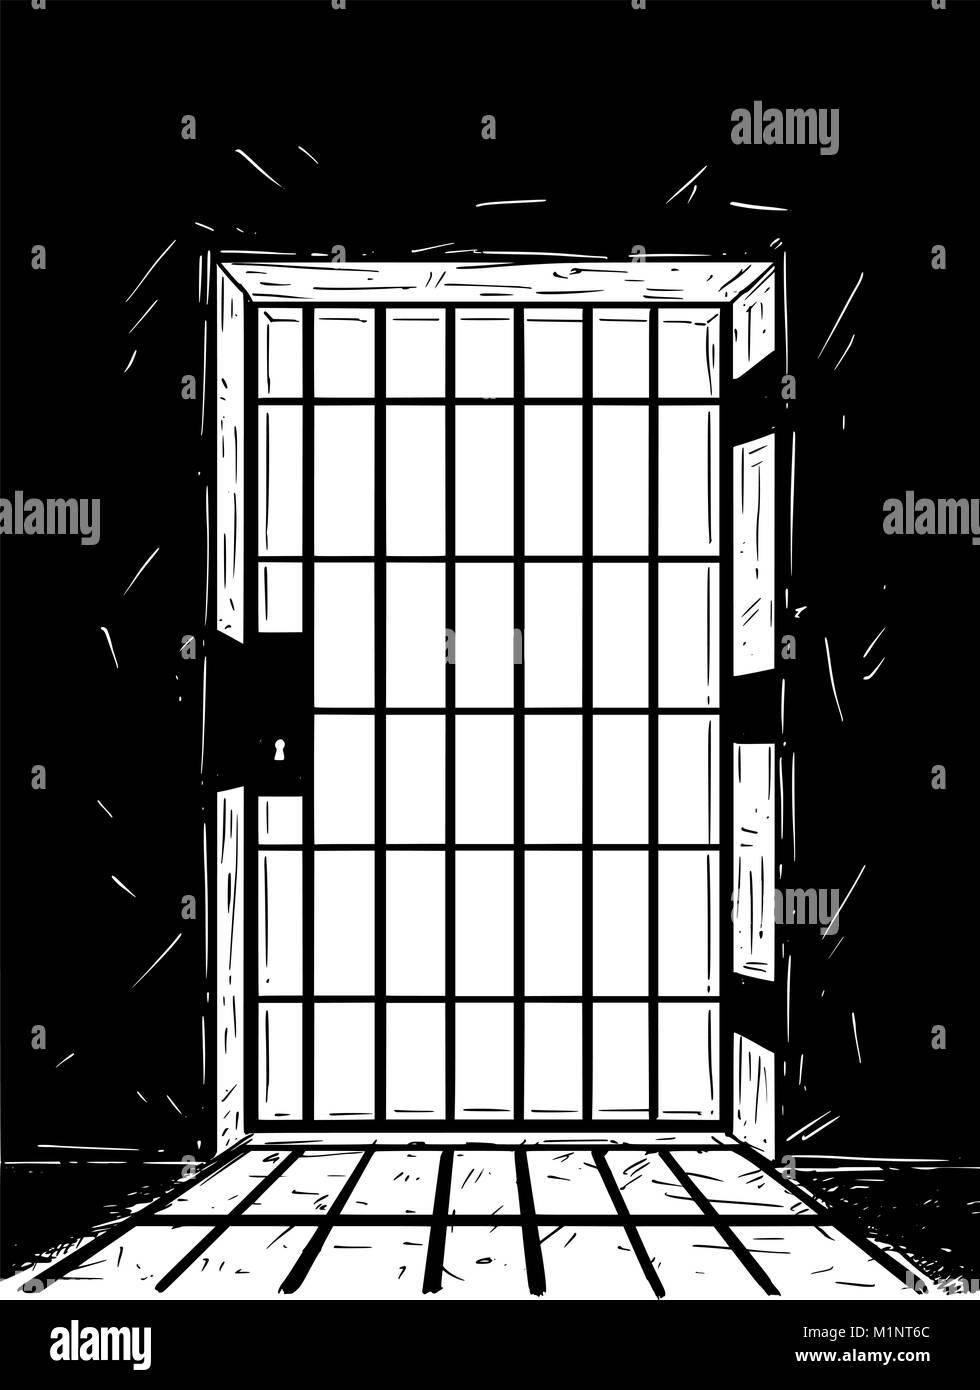 Cartoon Vector Drawing of Prison Door Casting Shadow  sc 1 st  Alamy & Cartoon Vector Drawing of Prison Door Casting Shadow Stock Vector ...